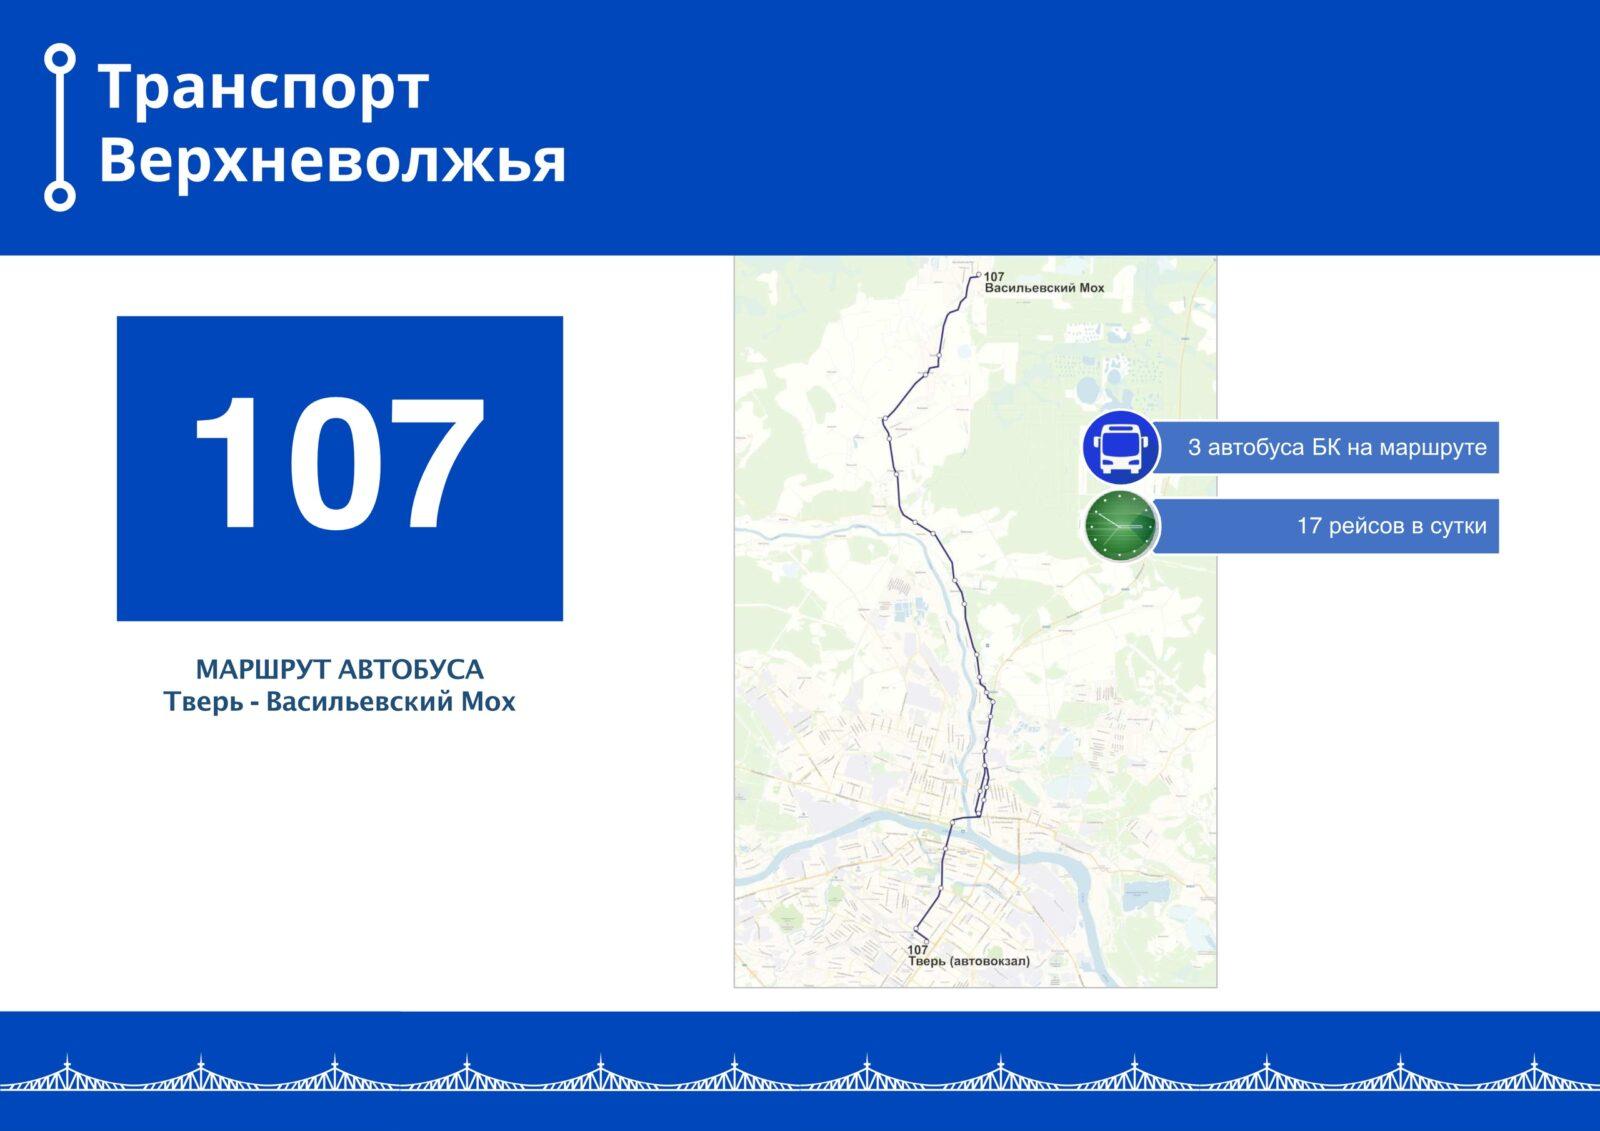 Перед праздником в Твери пустили новые автобусы сразу по трём маршрутам